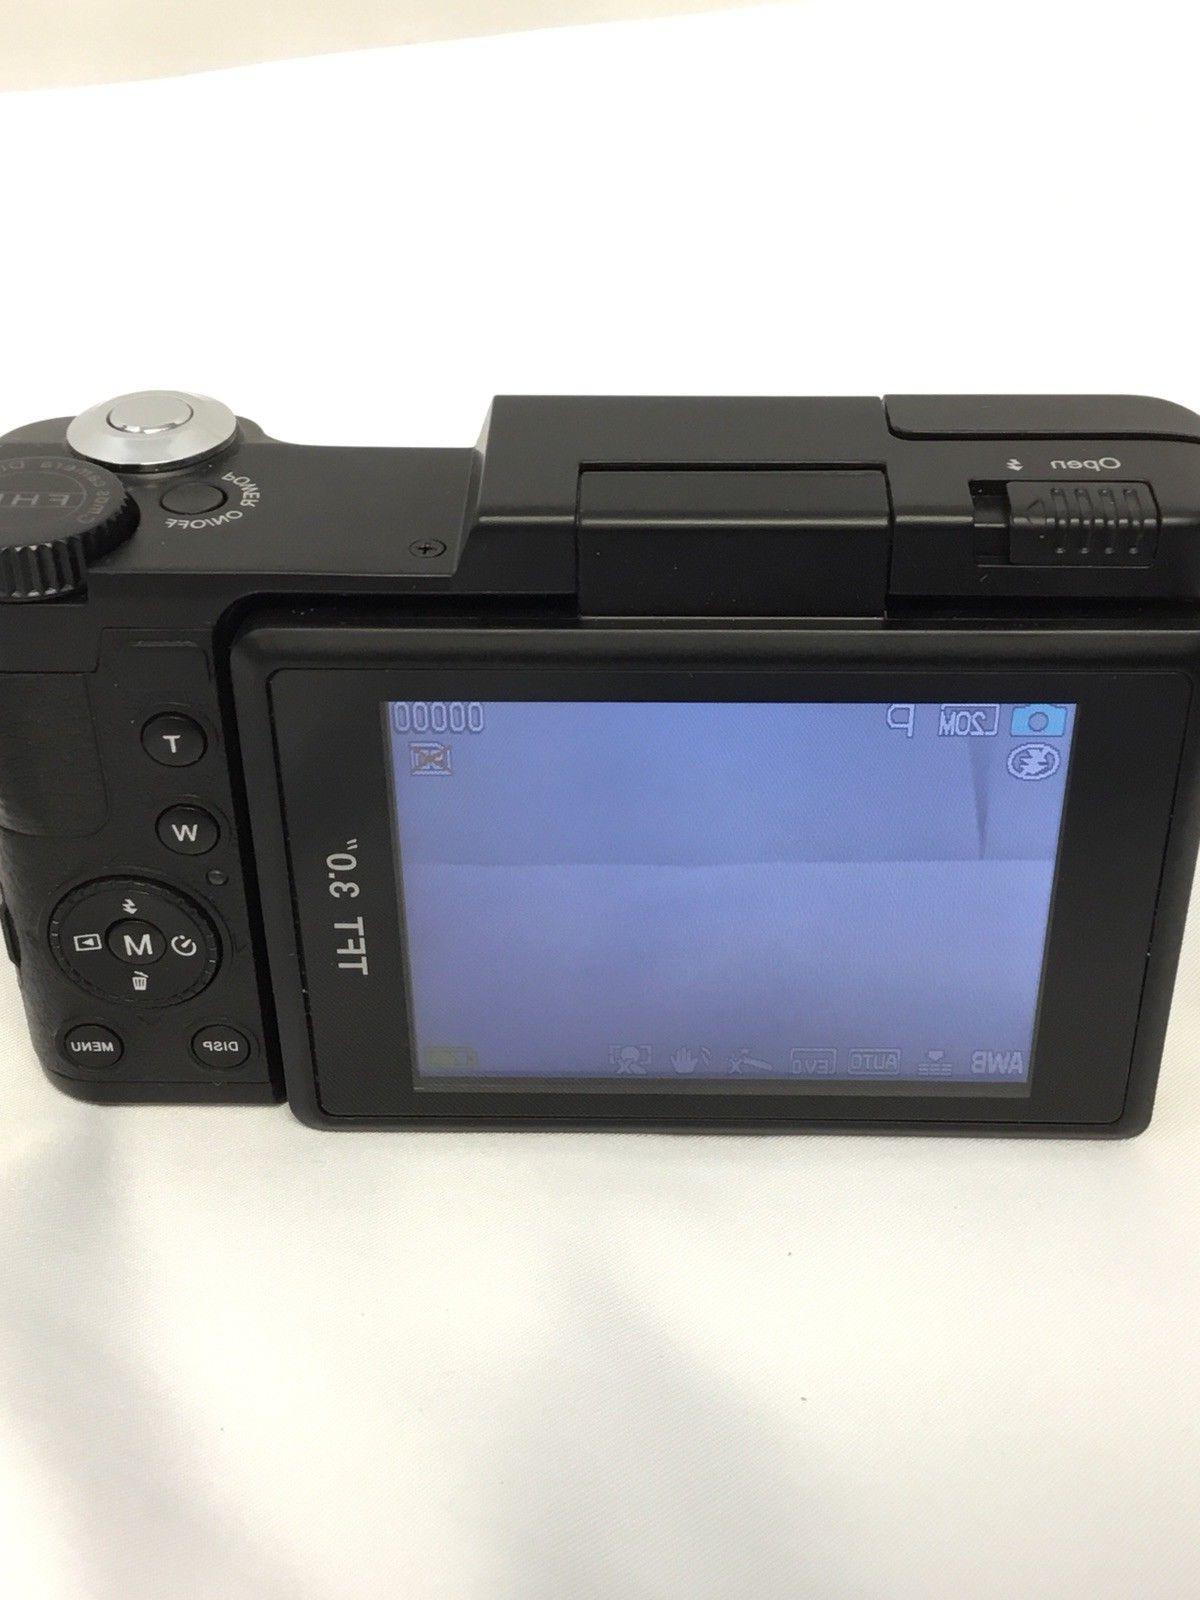 SEREE Digital Camera Camcorder Full 24.0 Zoom